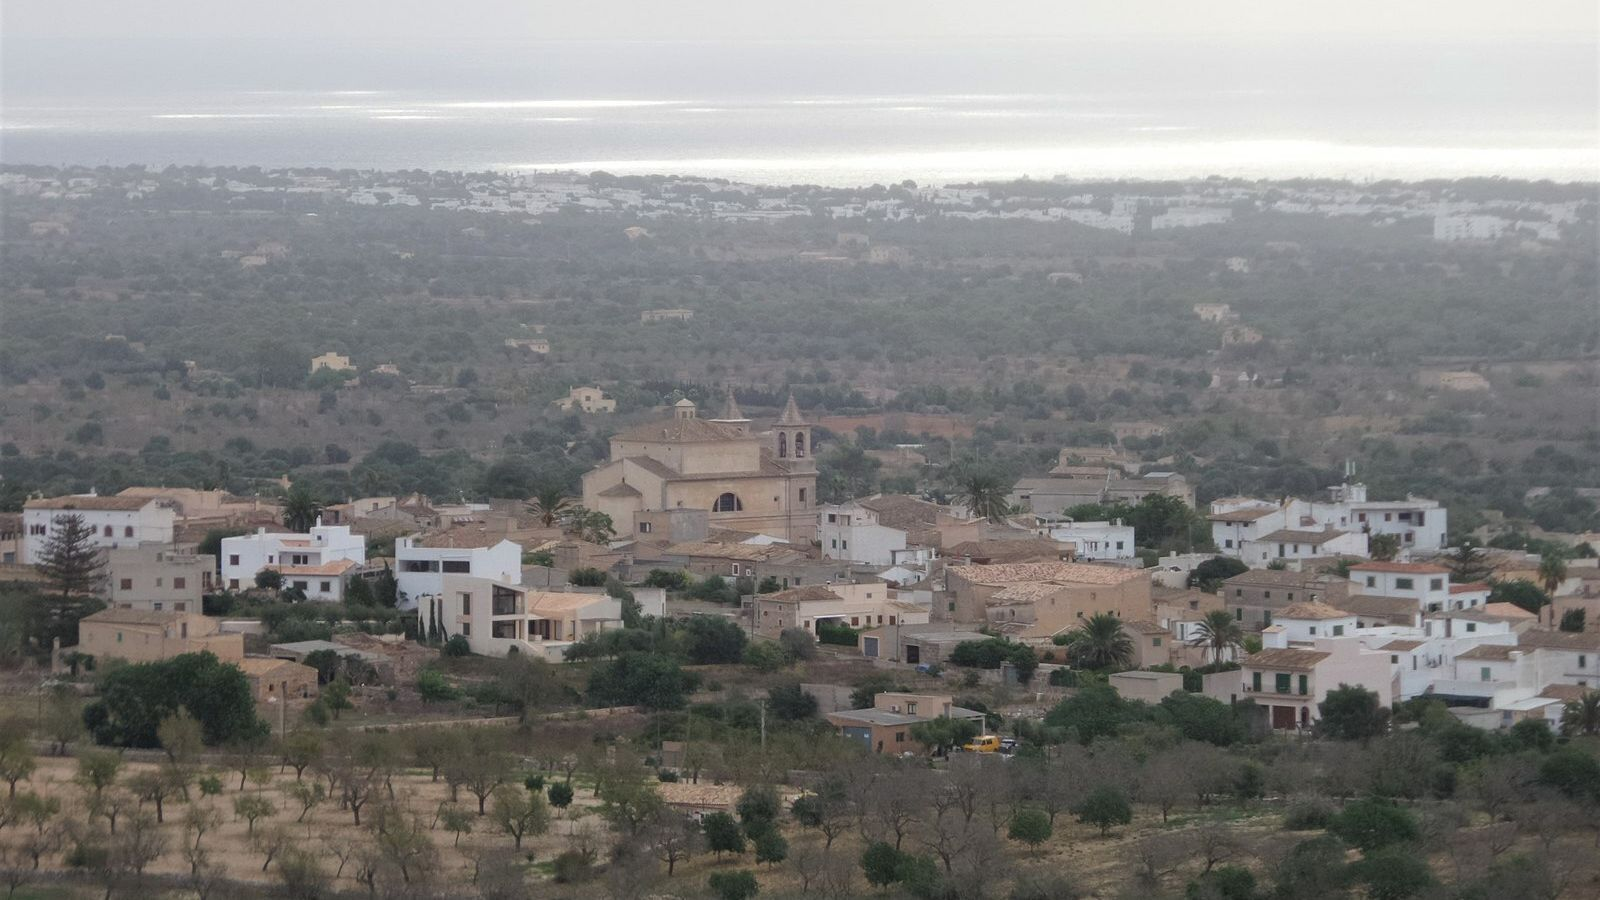 Vista aèria del poble de s'Alqueria Blanca amb el mar al fons.